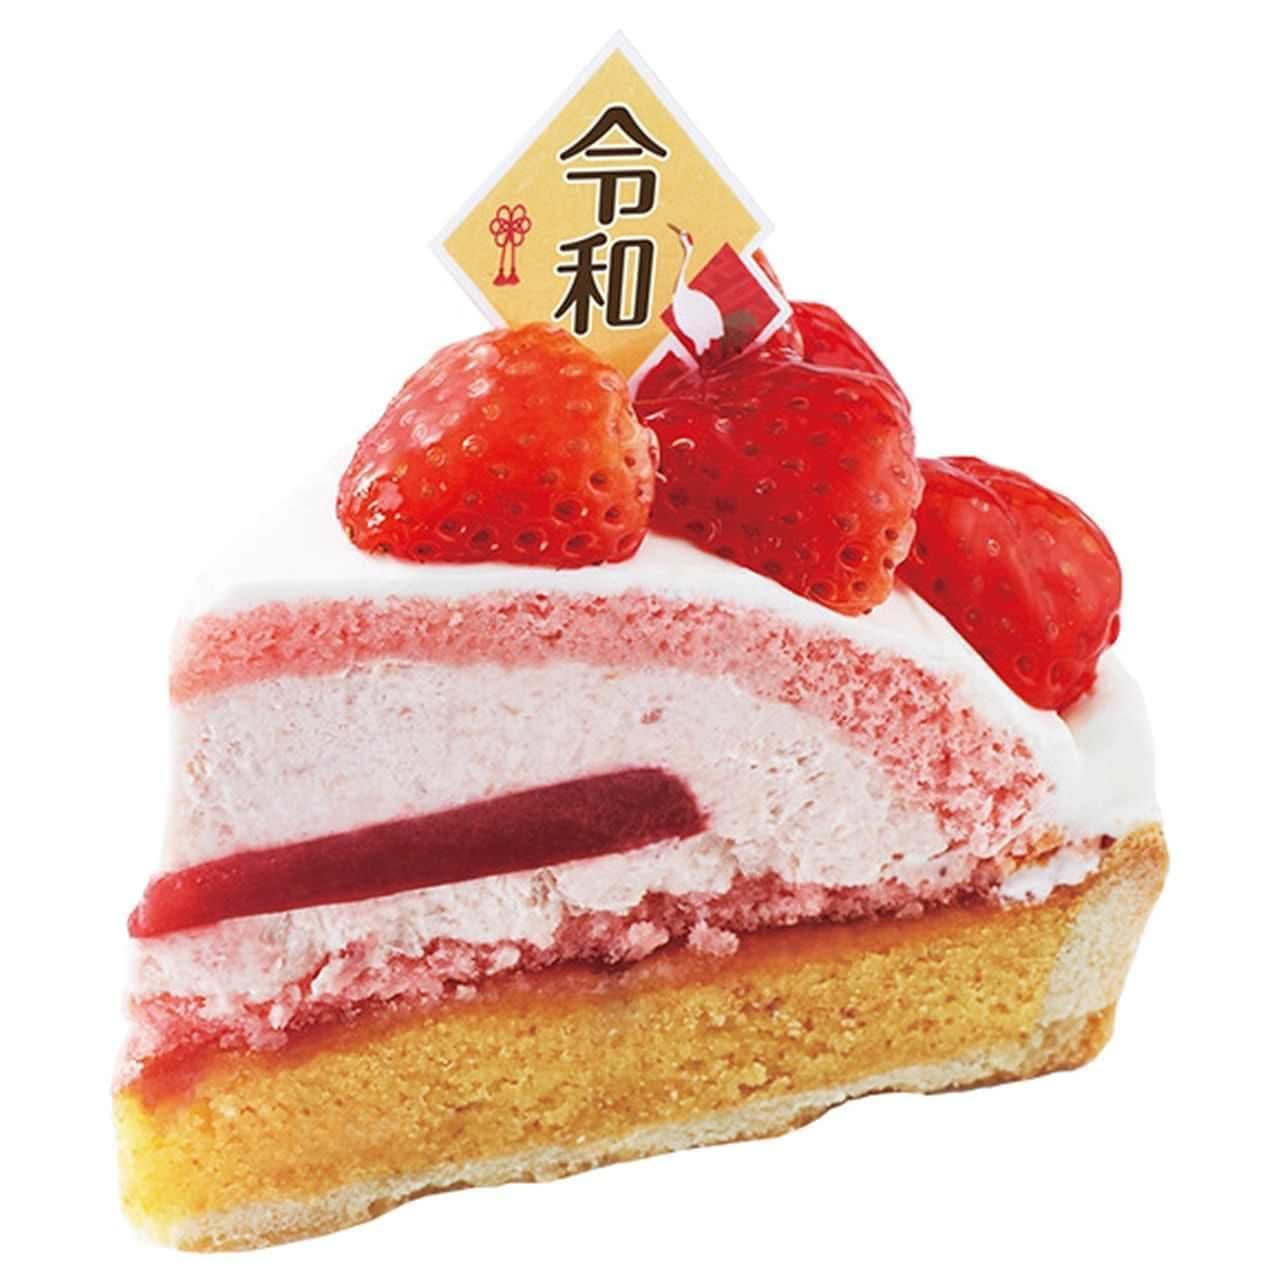 シャトレーゼ「祝!苺いっぱいハッピータルト」